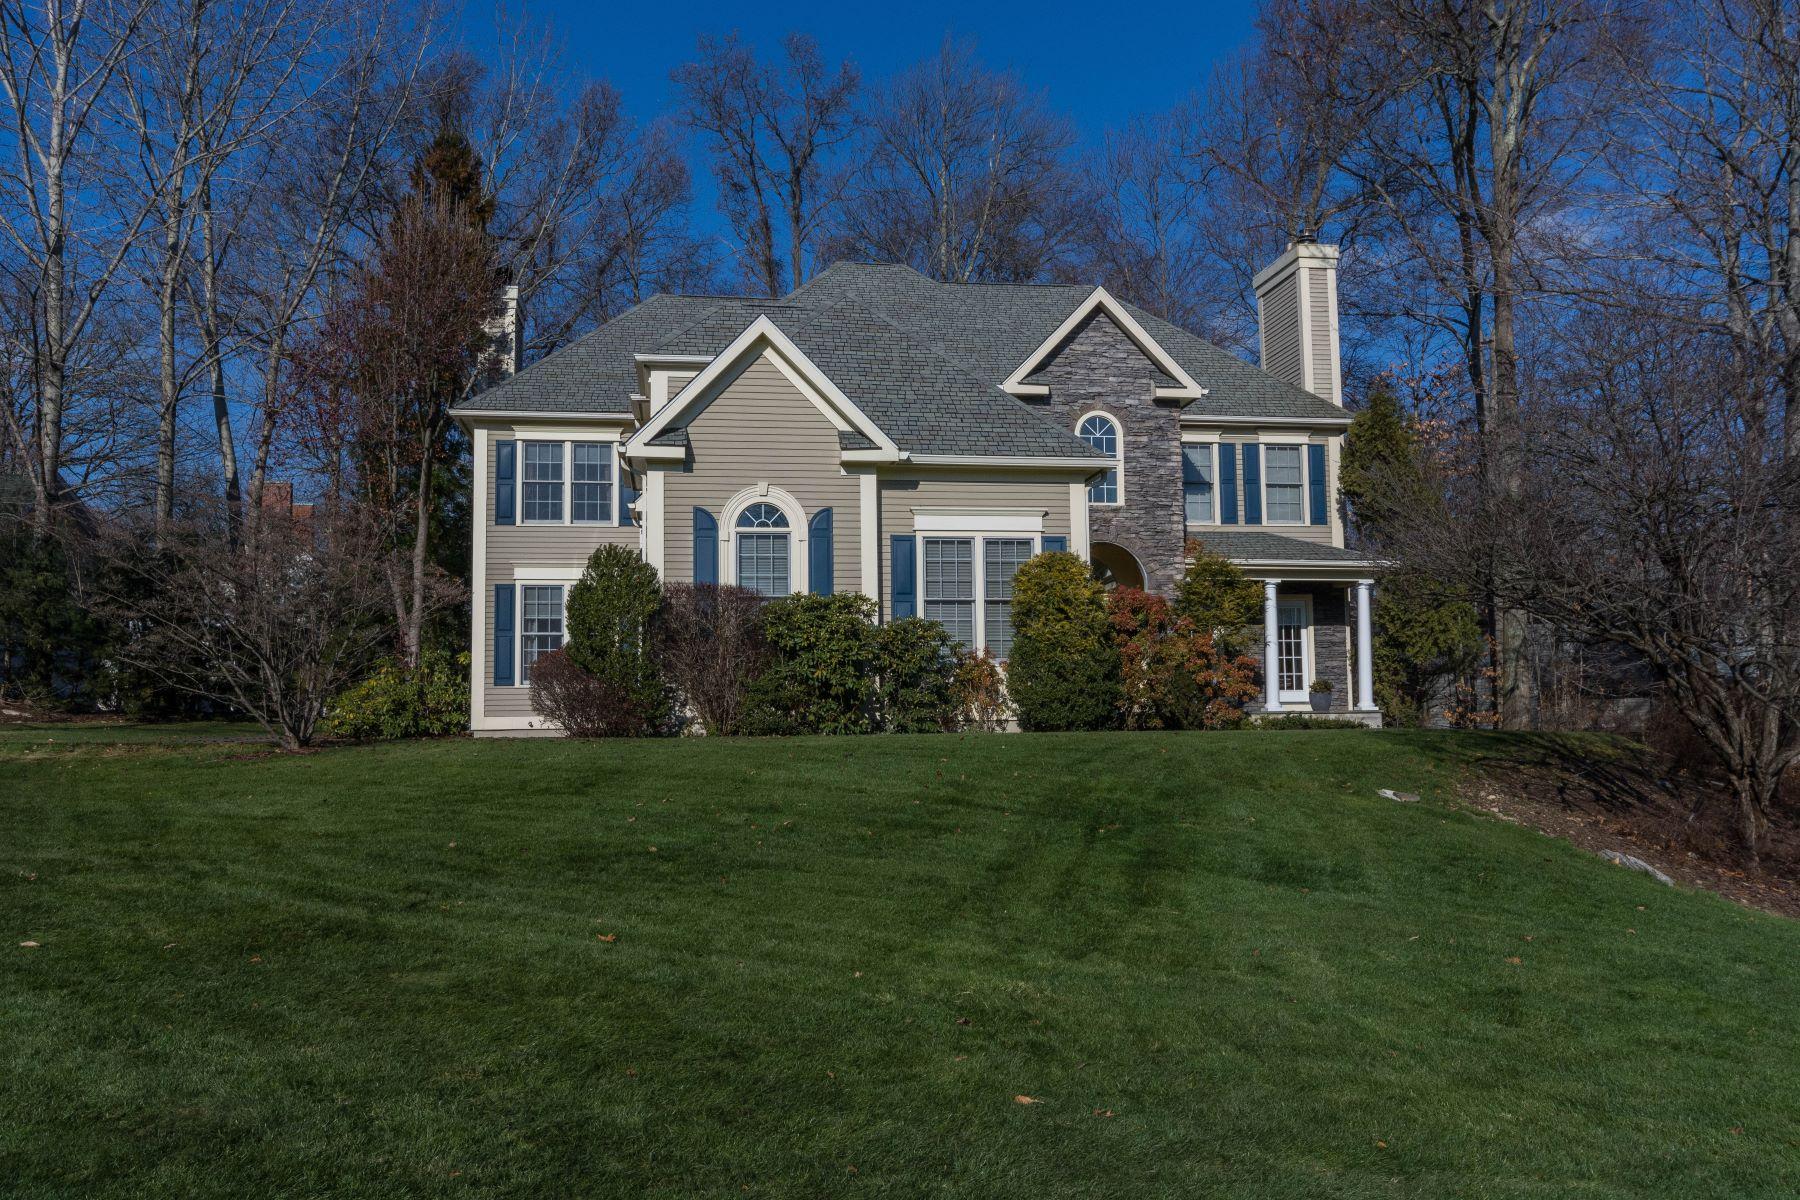 Maison unifamiliale pour l Vente à Christopher Estates 2 Christopher Court Norwalk, Connecticut, 06851 États-Unis